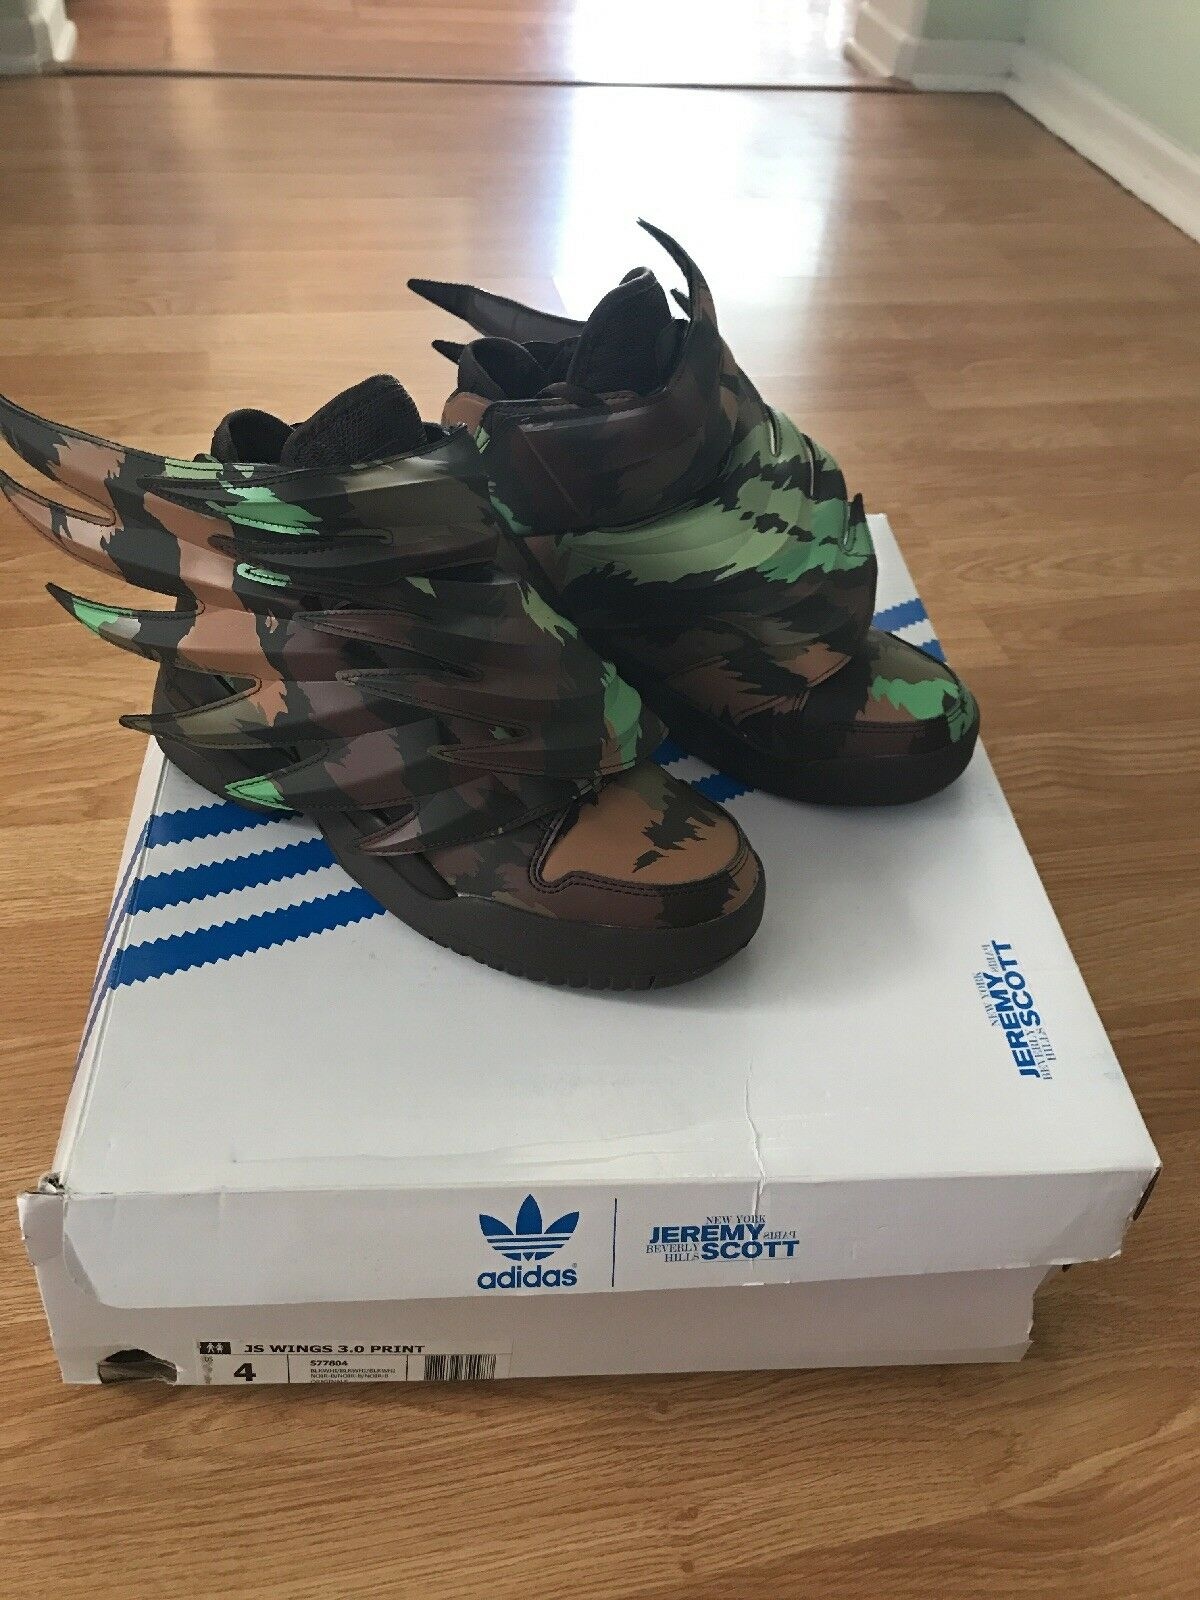 Adidas original  Jermey Scott comodo alas 3.0 Camo Sauvage comodo Scott fd179c